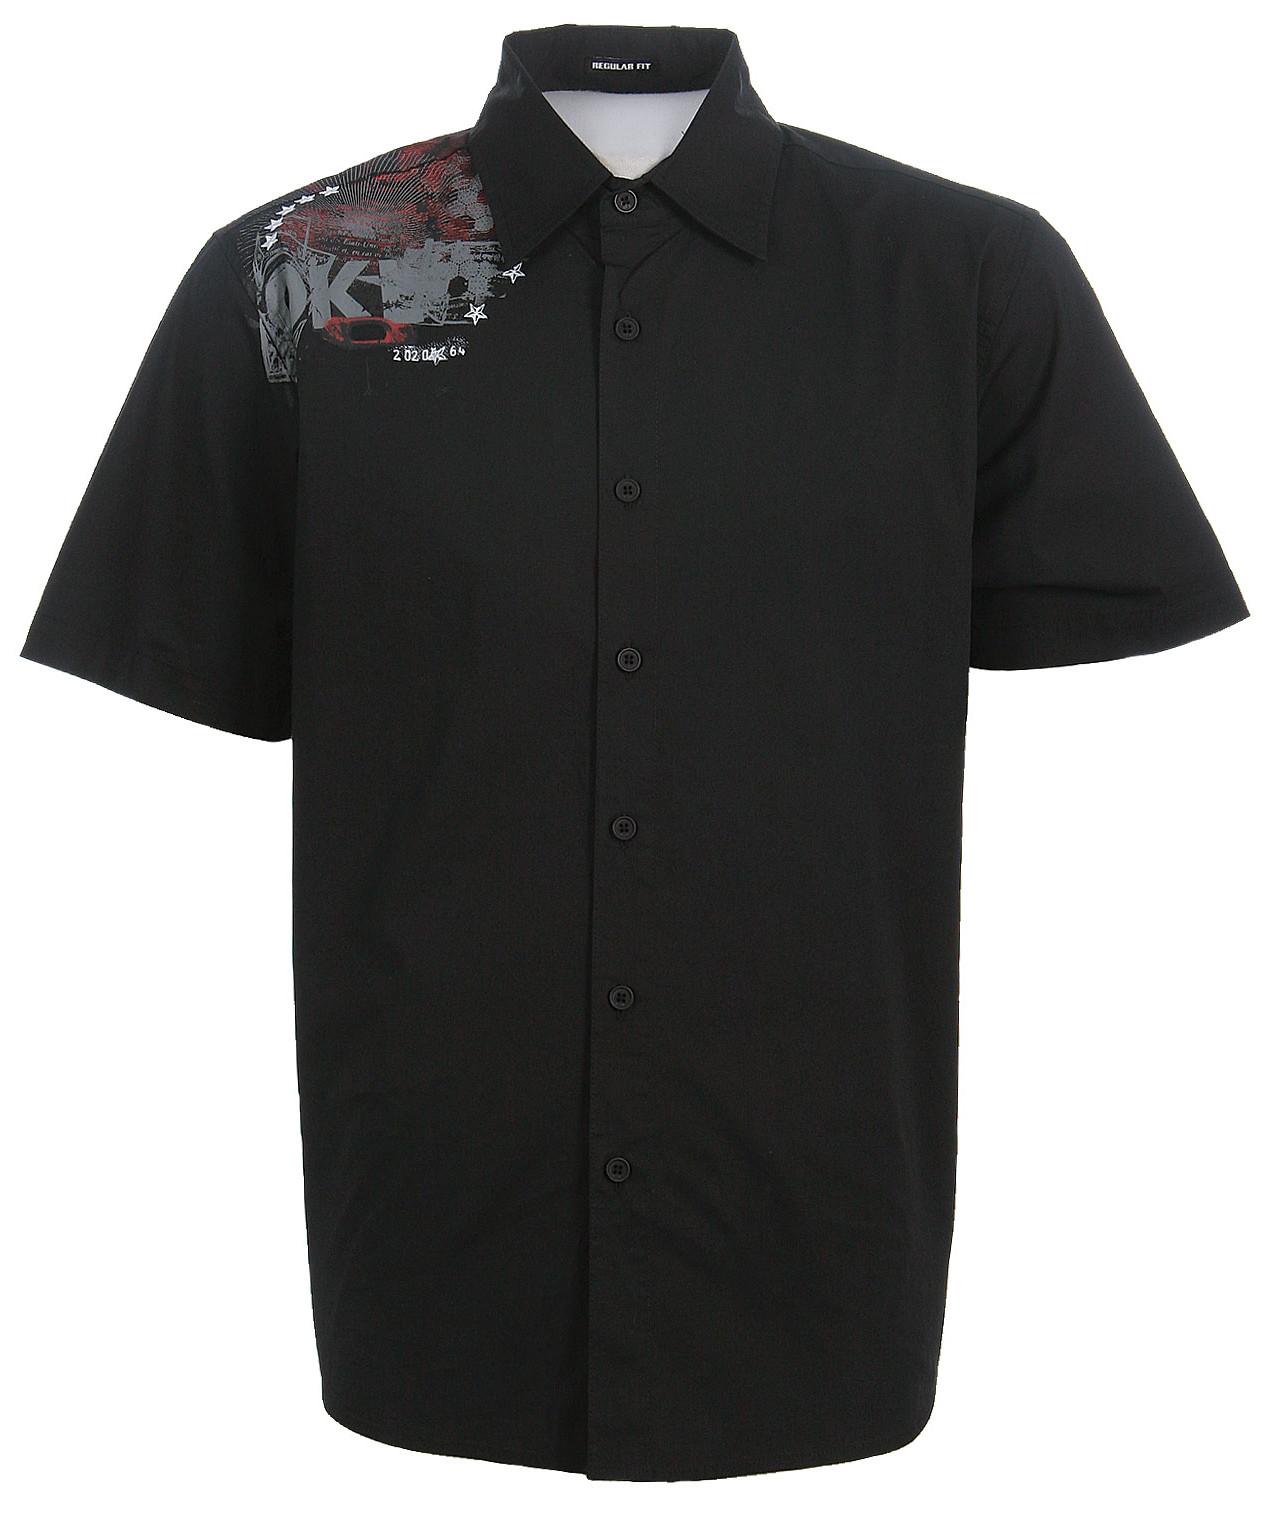 Oakley Bon Voyage Woven Shirt Black  oak-bonvoyage-bk-08.jpg